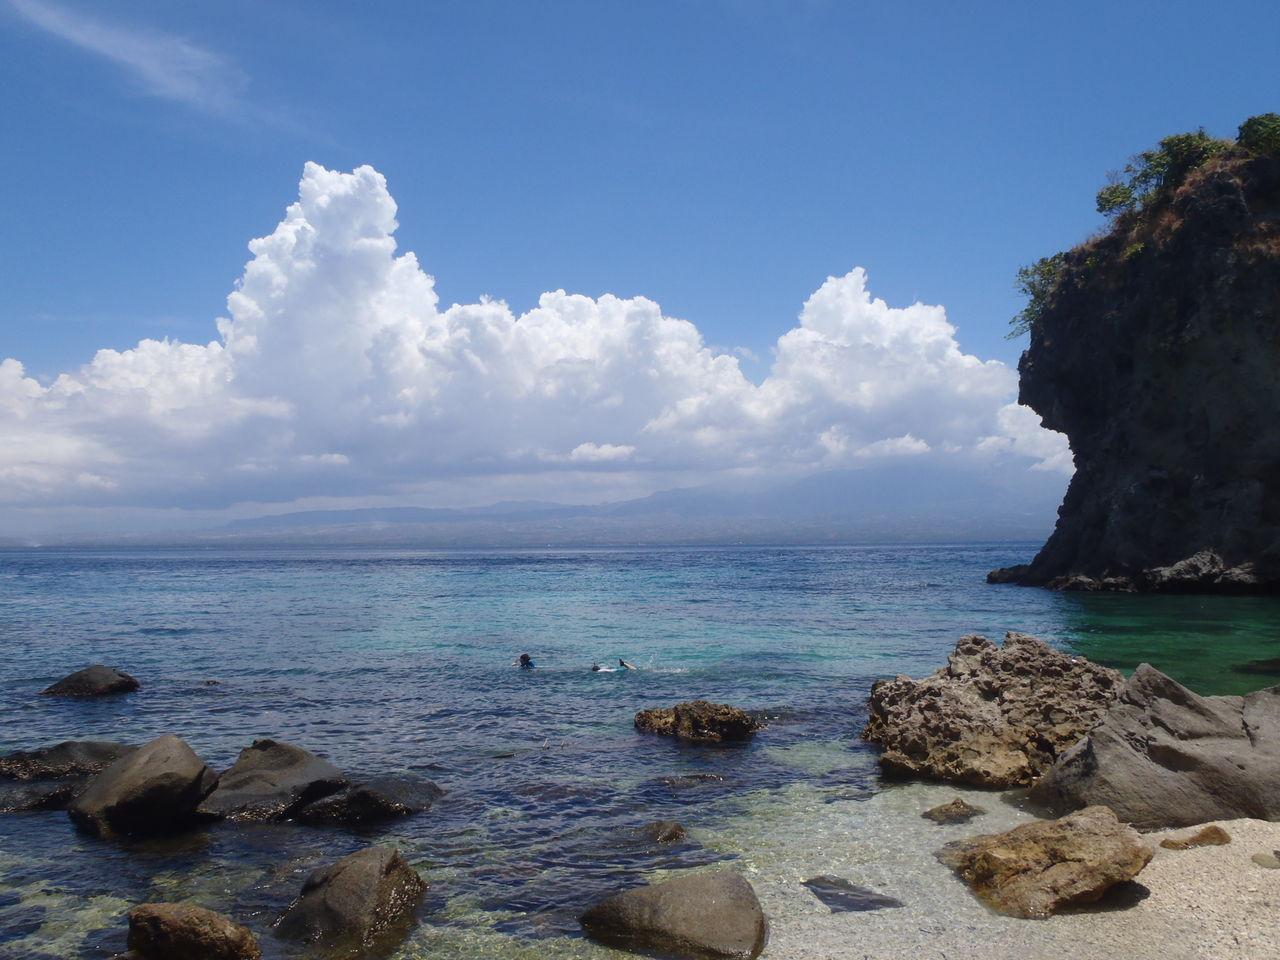 アポ島の宿泊施設情報 アポアイランドビーチリゾート